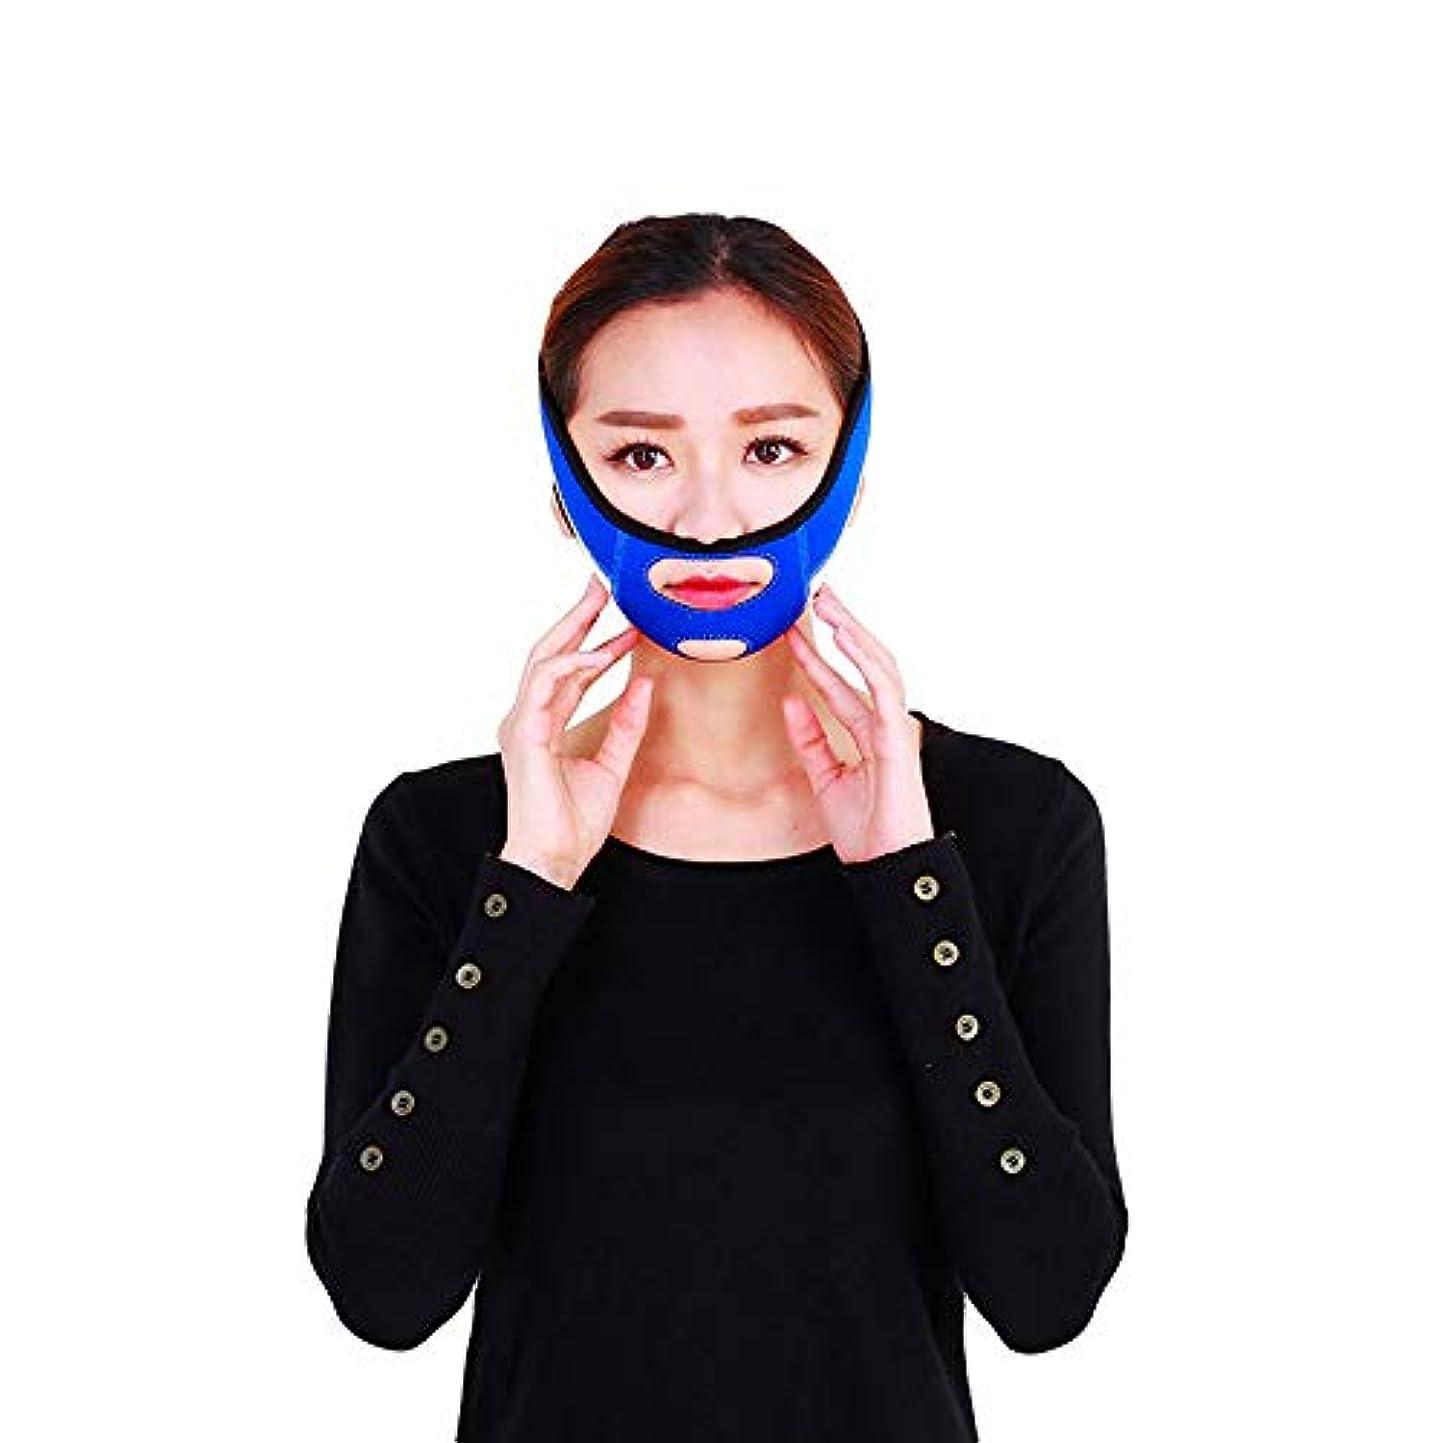 仕立て屋普遍的な名門フェイスリフトベルト 顔を持ち上げるベルト - 顔を持ち上げる包帯は、上顎顔面修正ツールを強力に強化し、顔面マスクのV字形の人工物